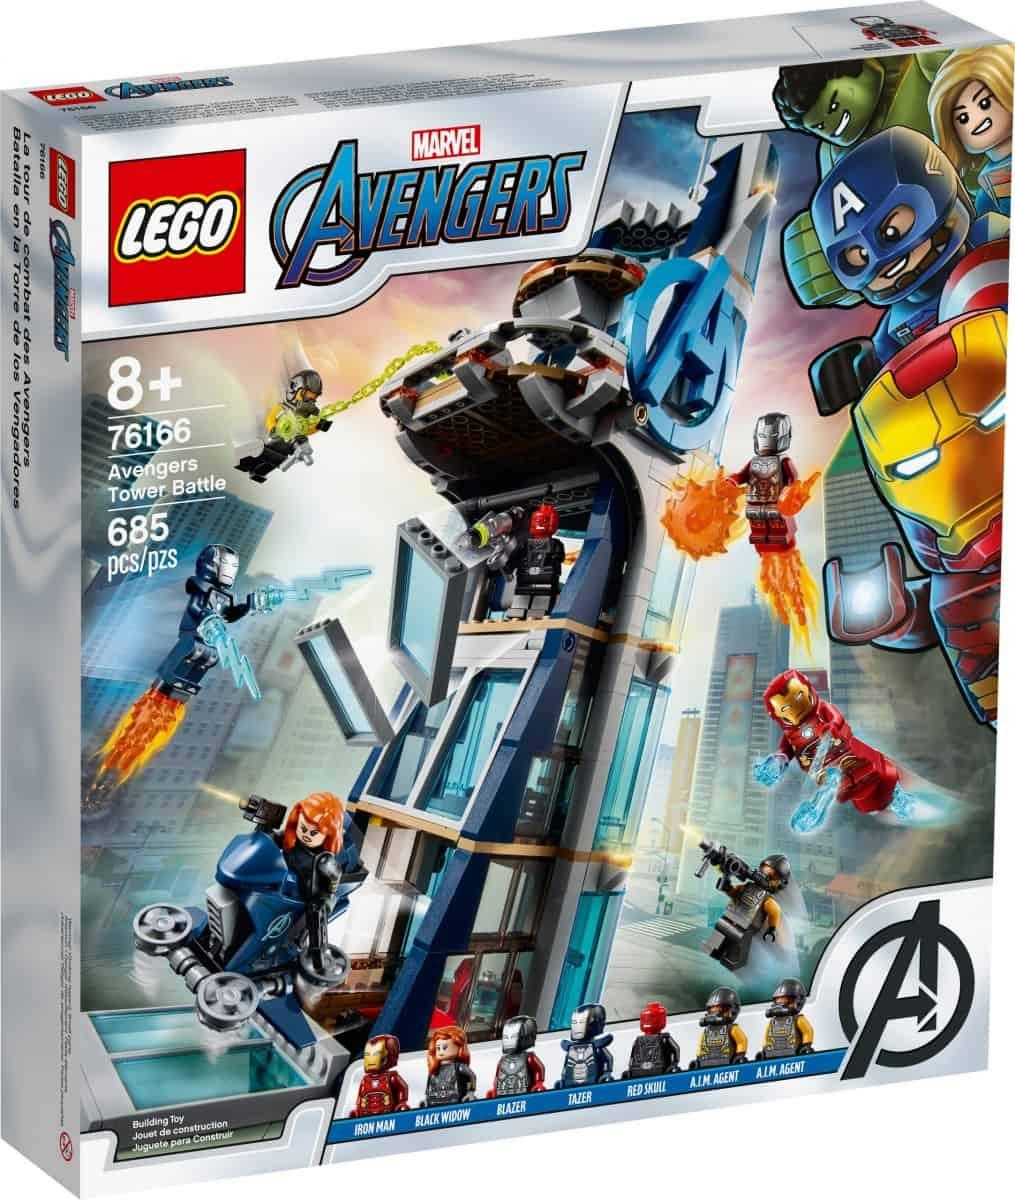 lego 76166 avengers tower battle scaled